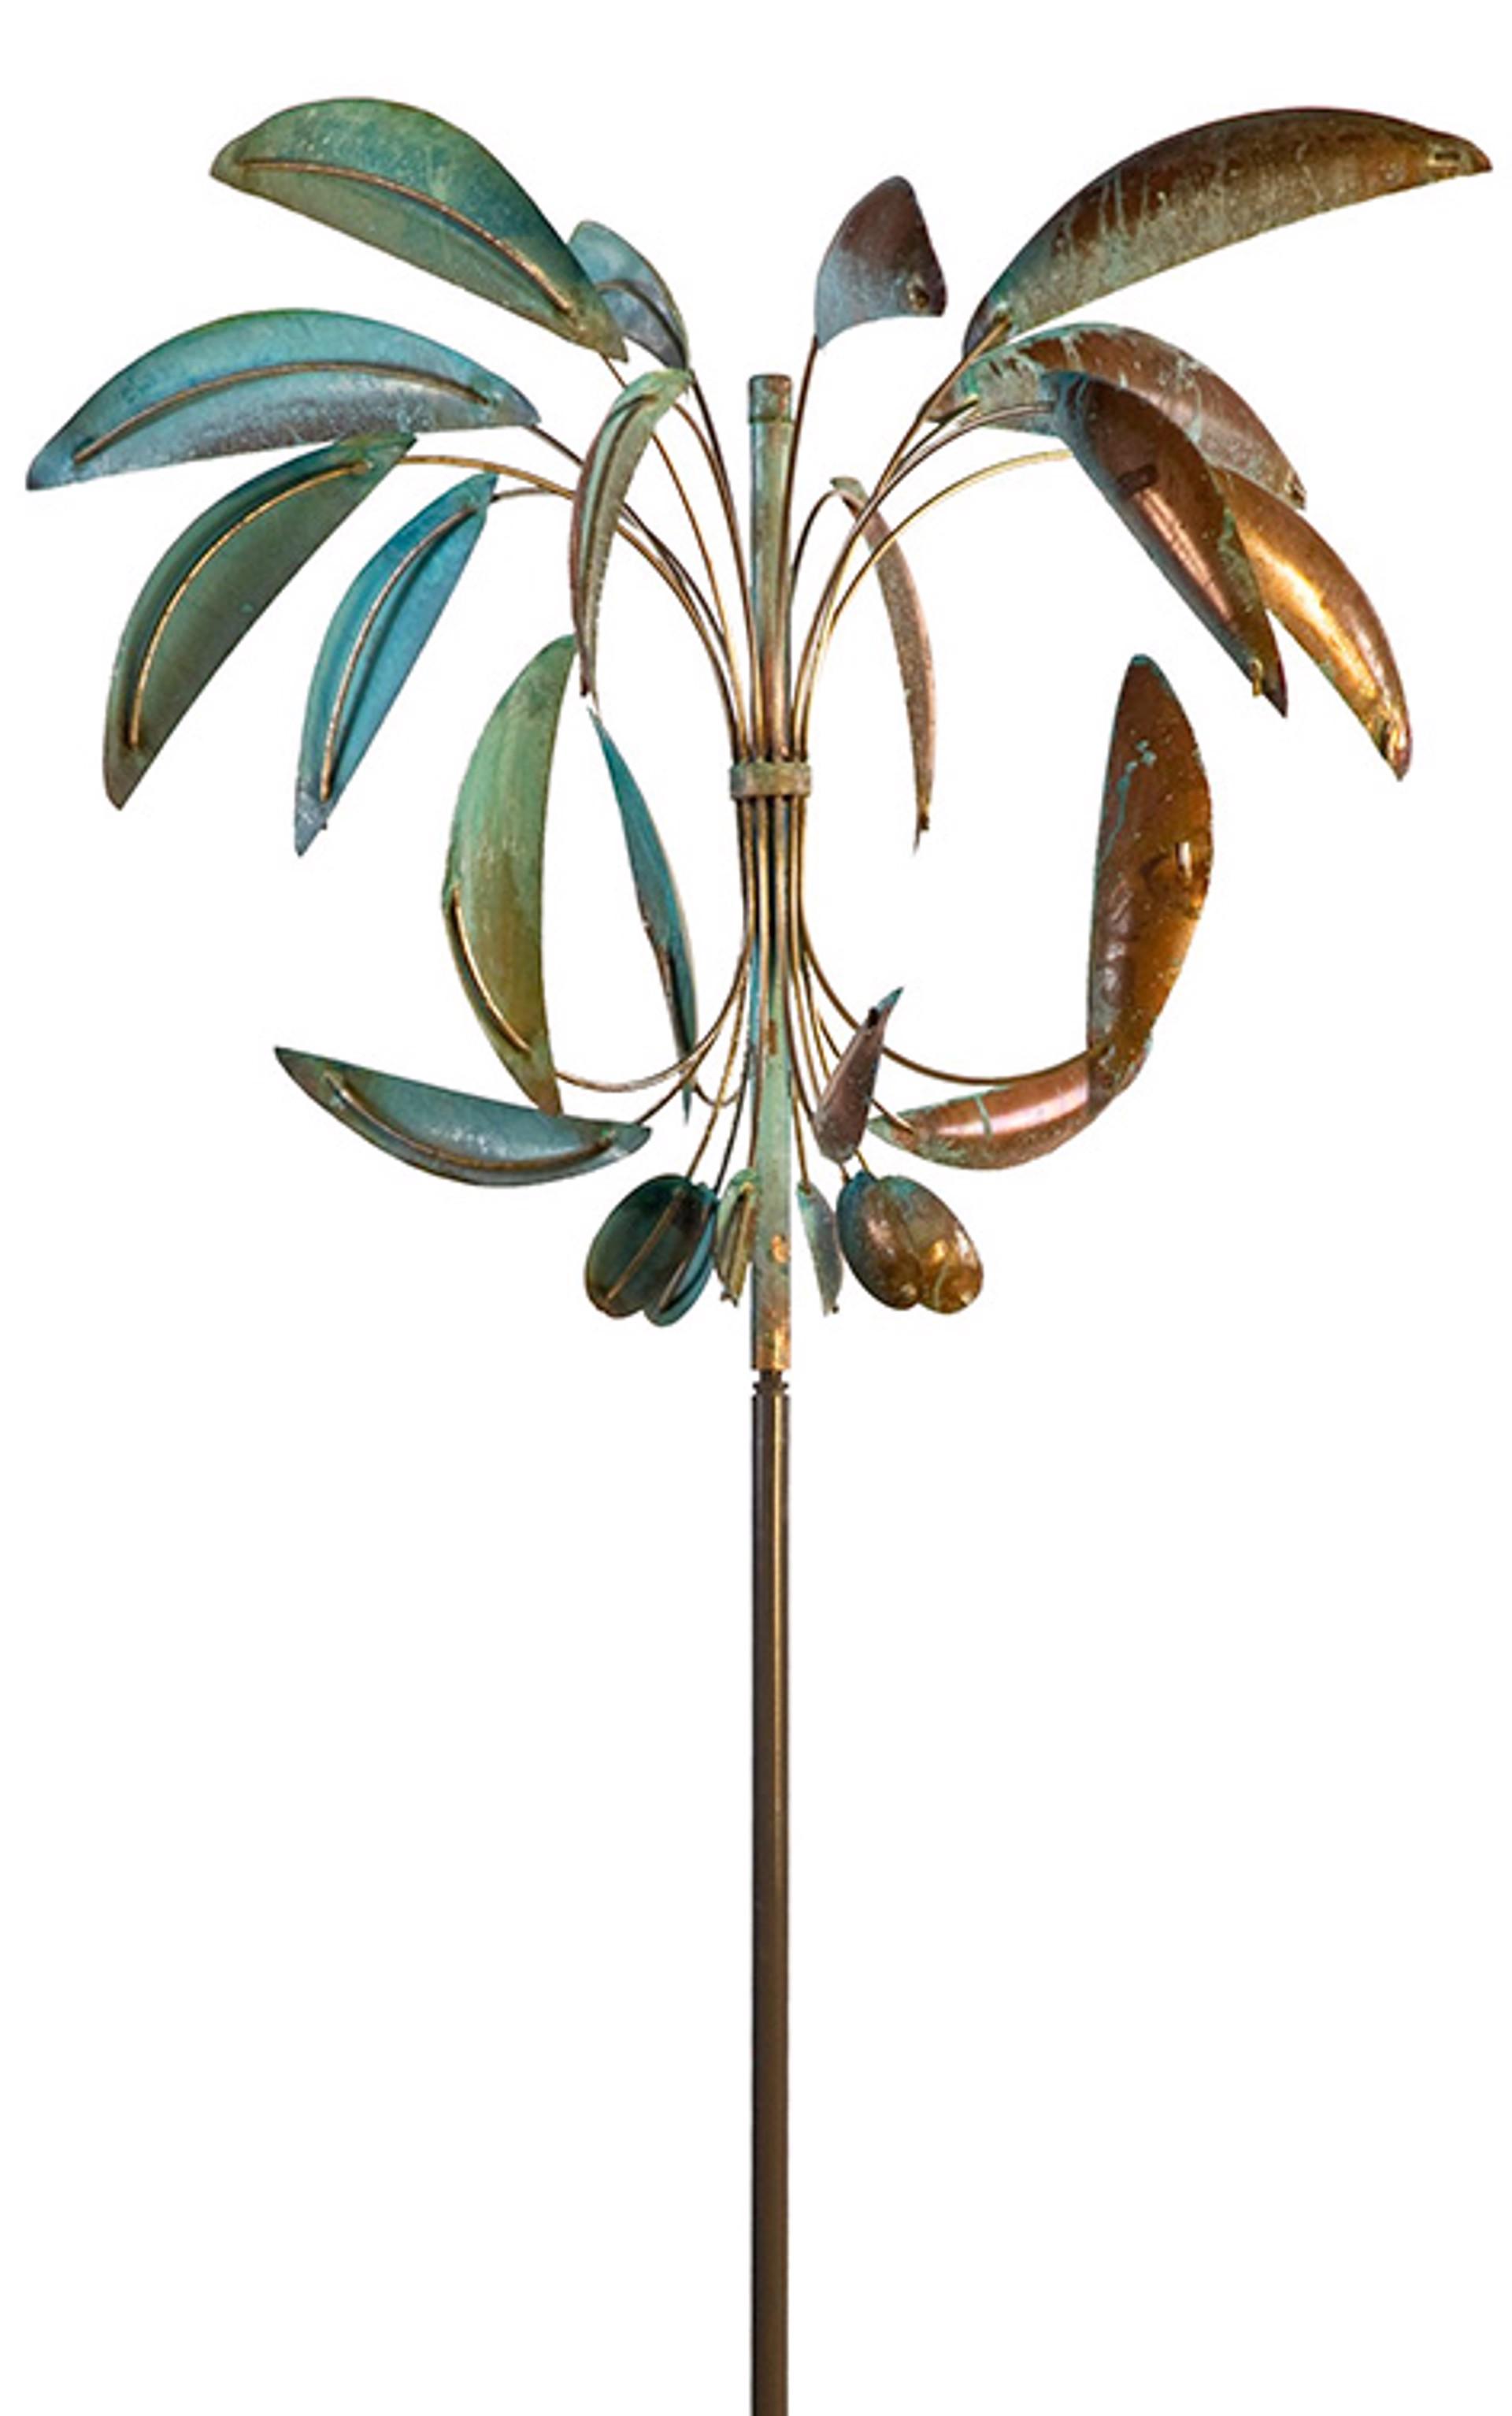 Desert Palm by Lyman Whitaker